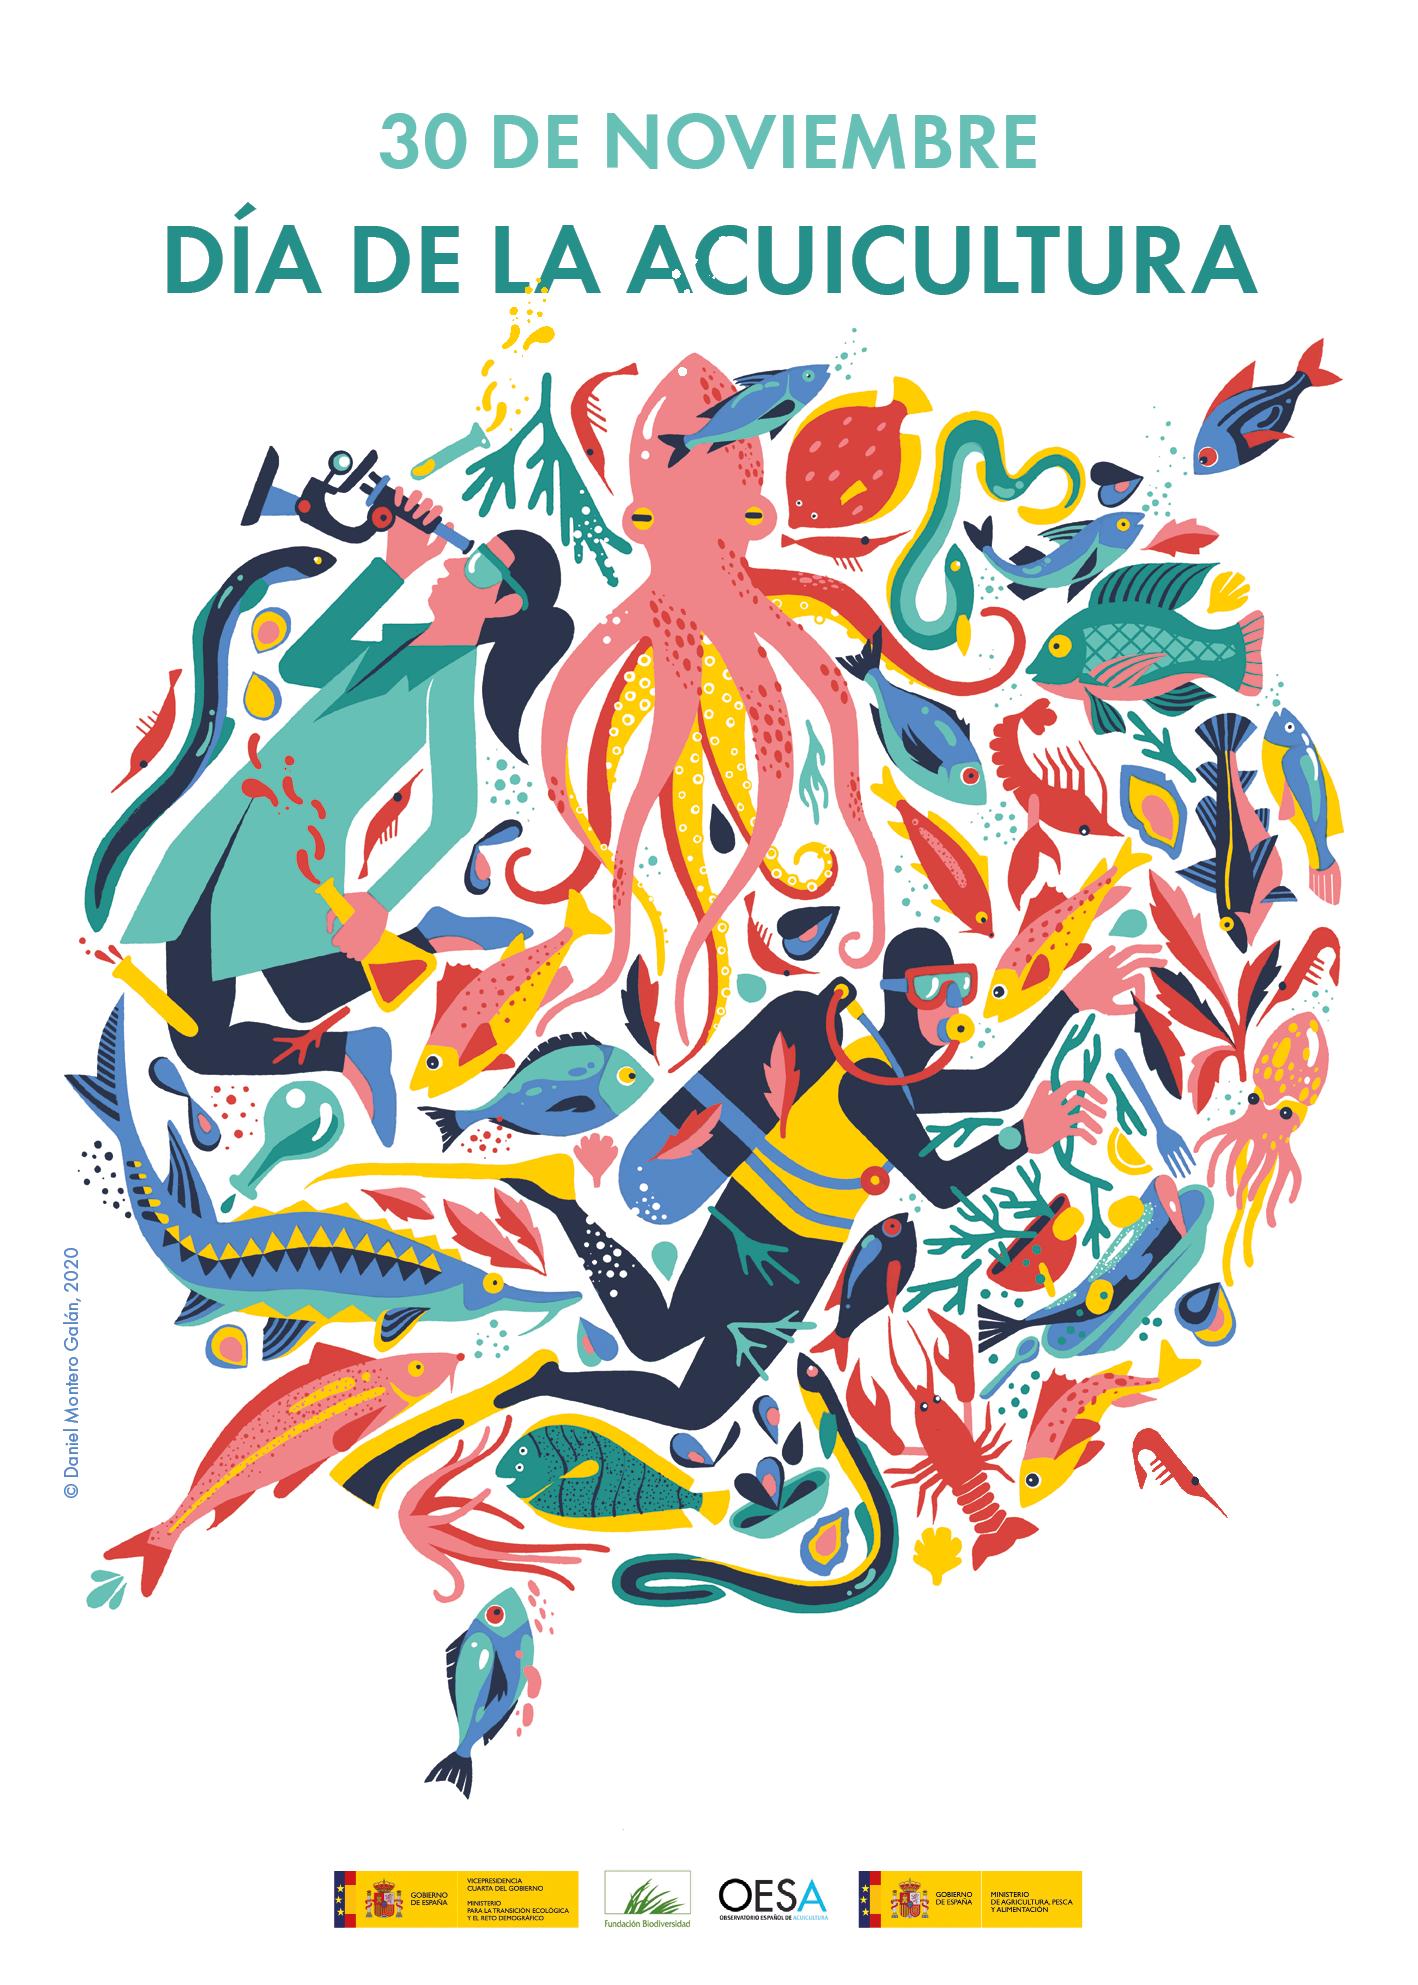 Día de la Acuicultura · Fundación Biodiversidad